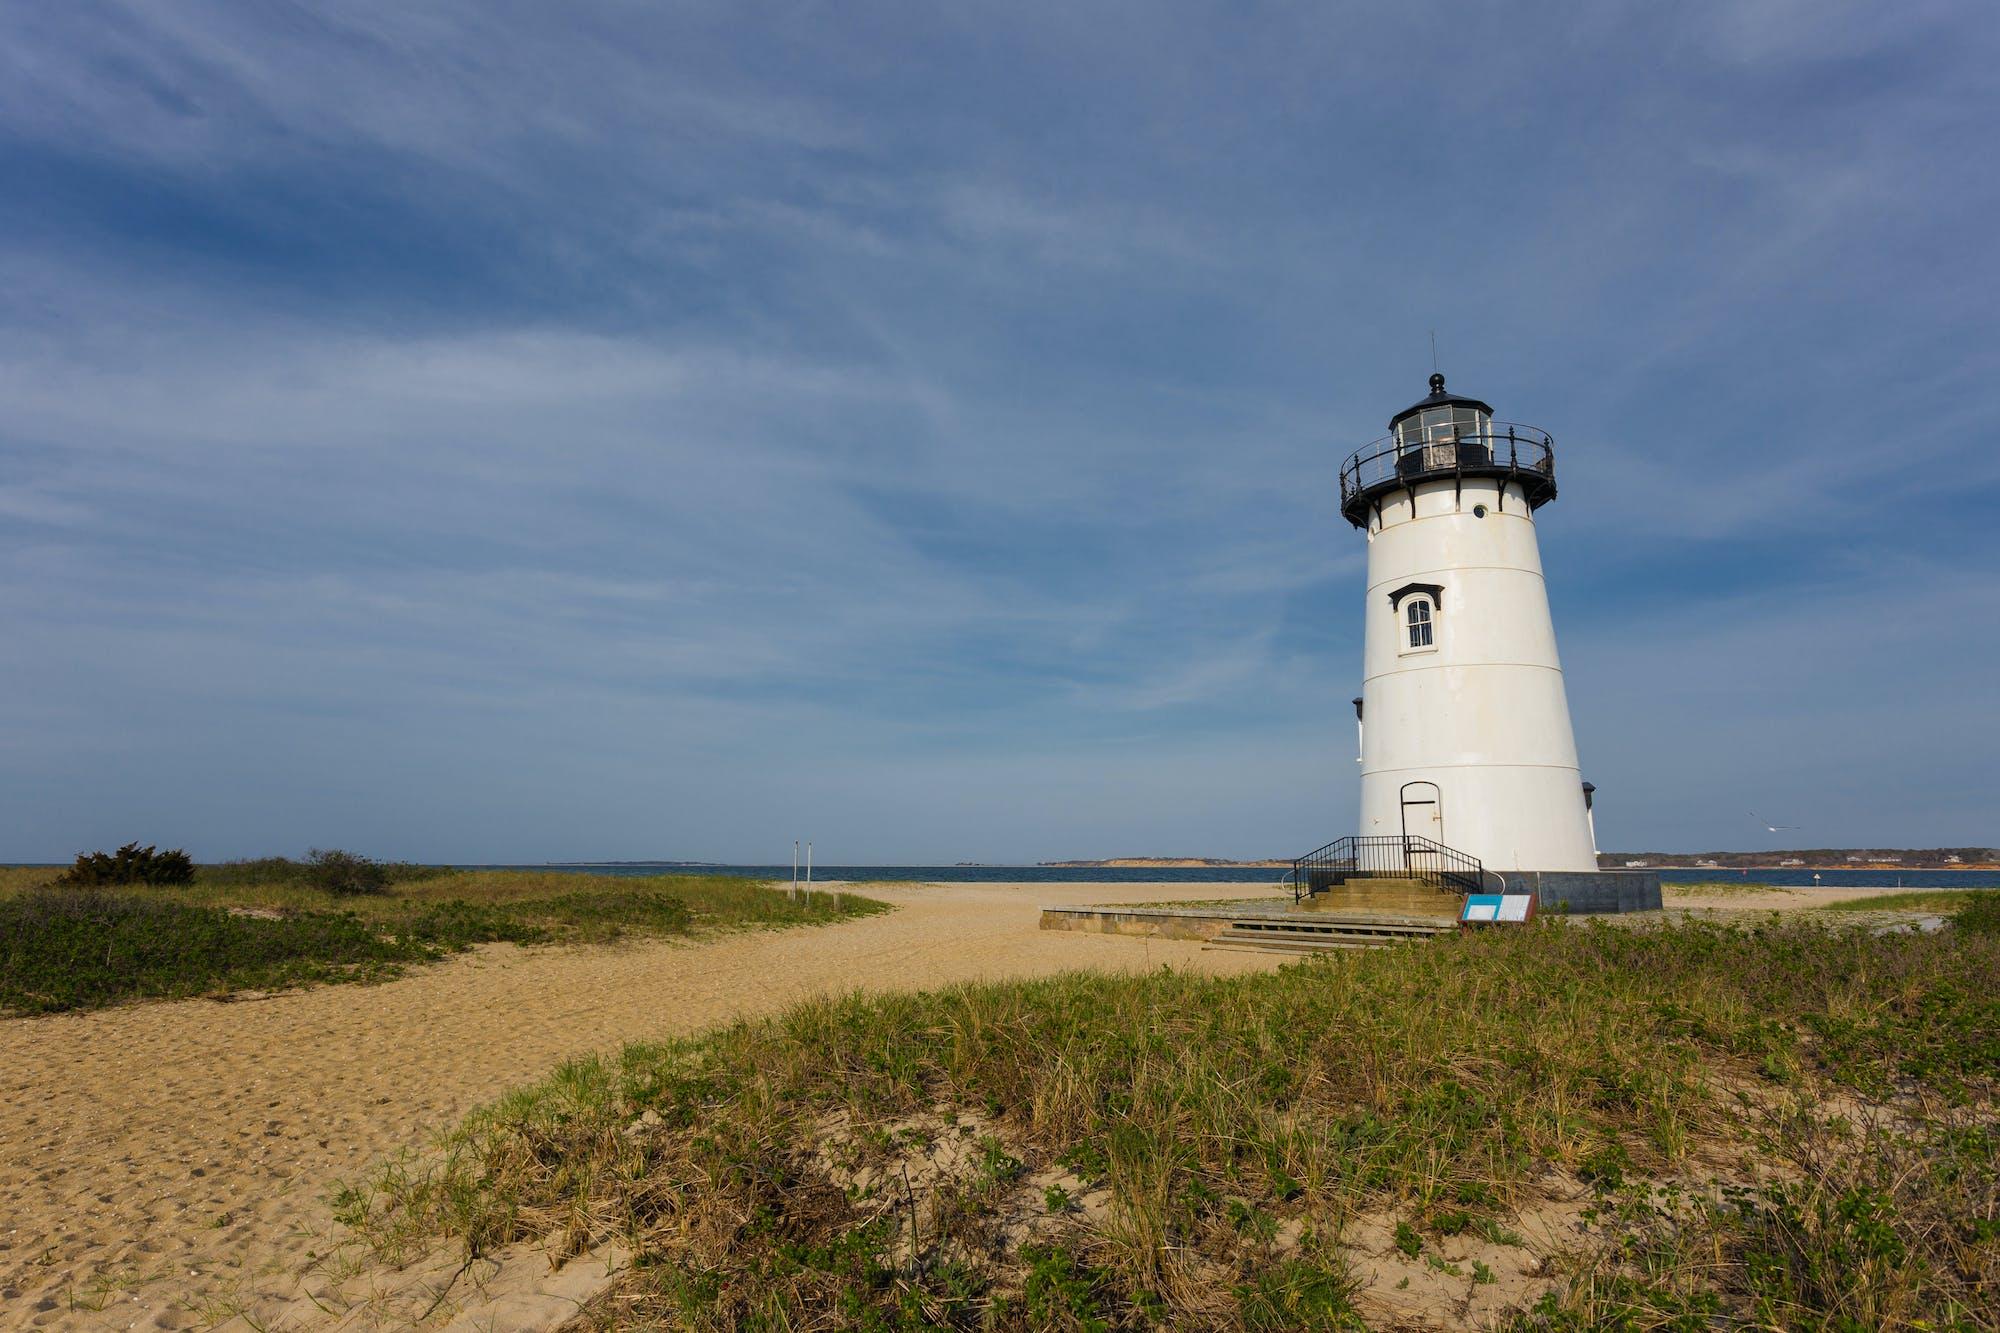 Lighthouse at Oak Bluffs in Martha's Vineyard, Massachusetts